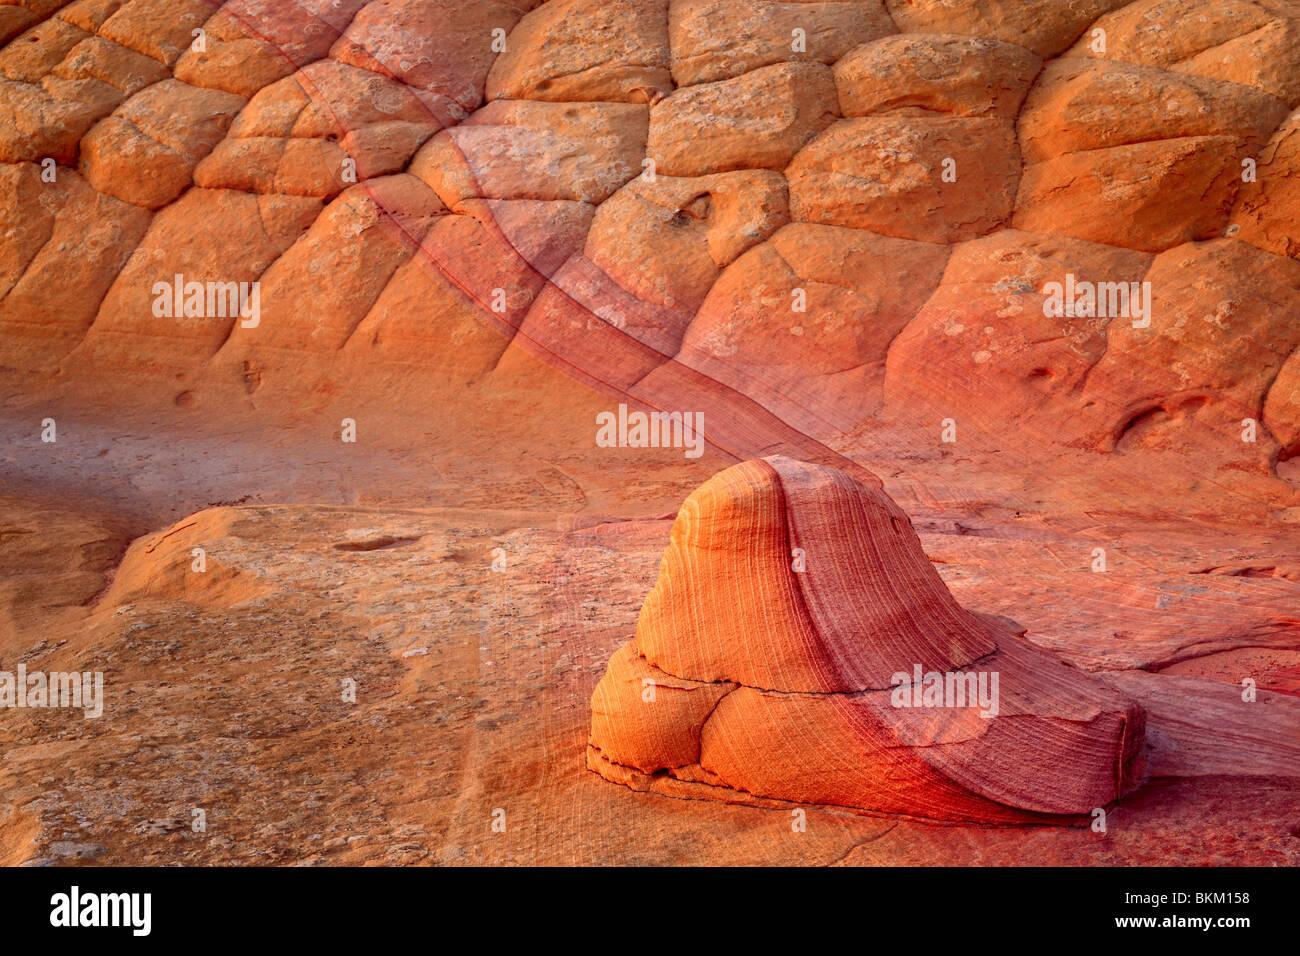 Strukturierte Sandsteinwand im Vermilion Cliffs National Monument, Arizona Stockbild